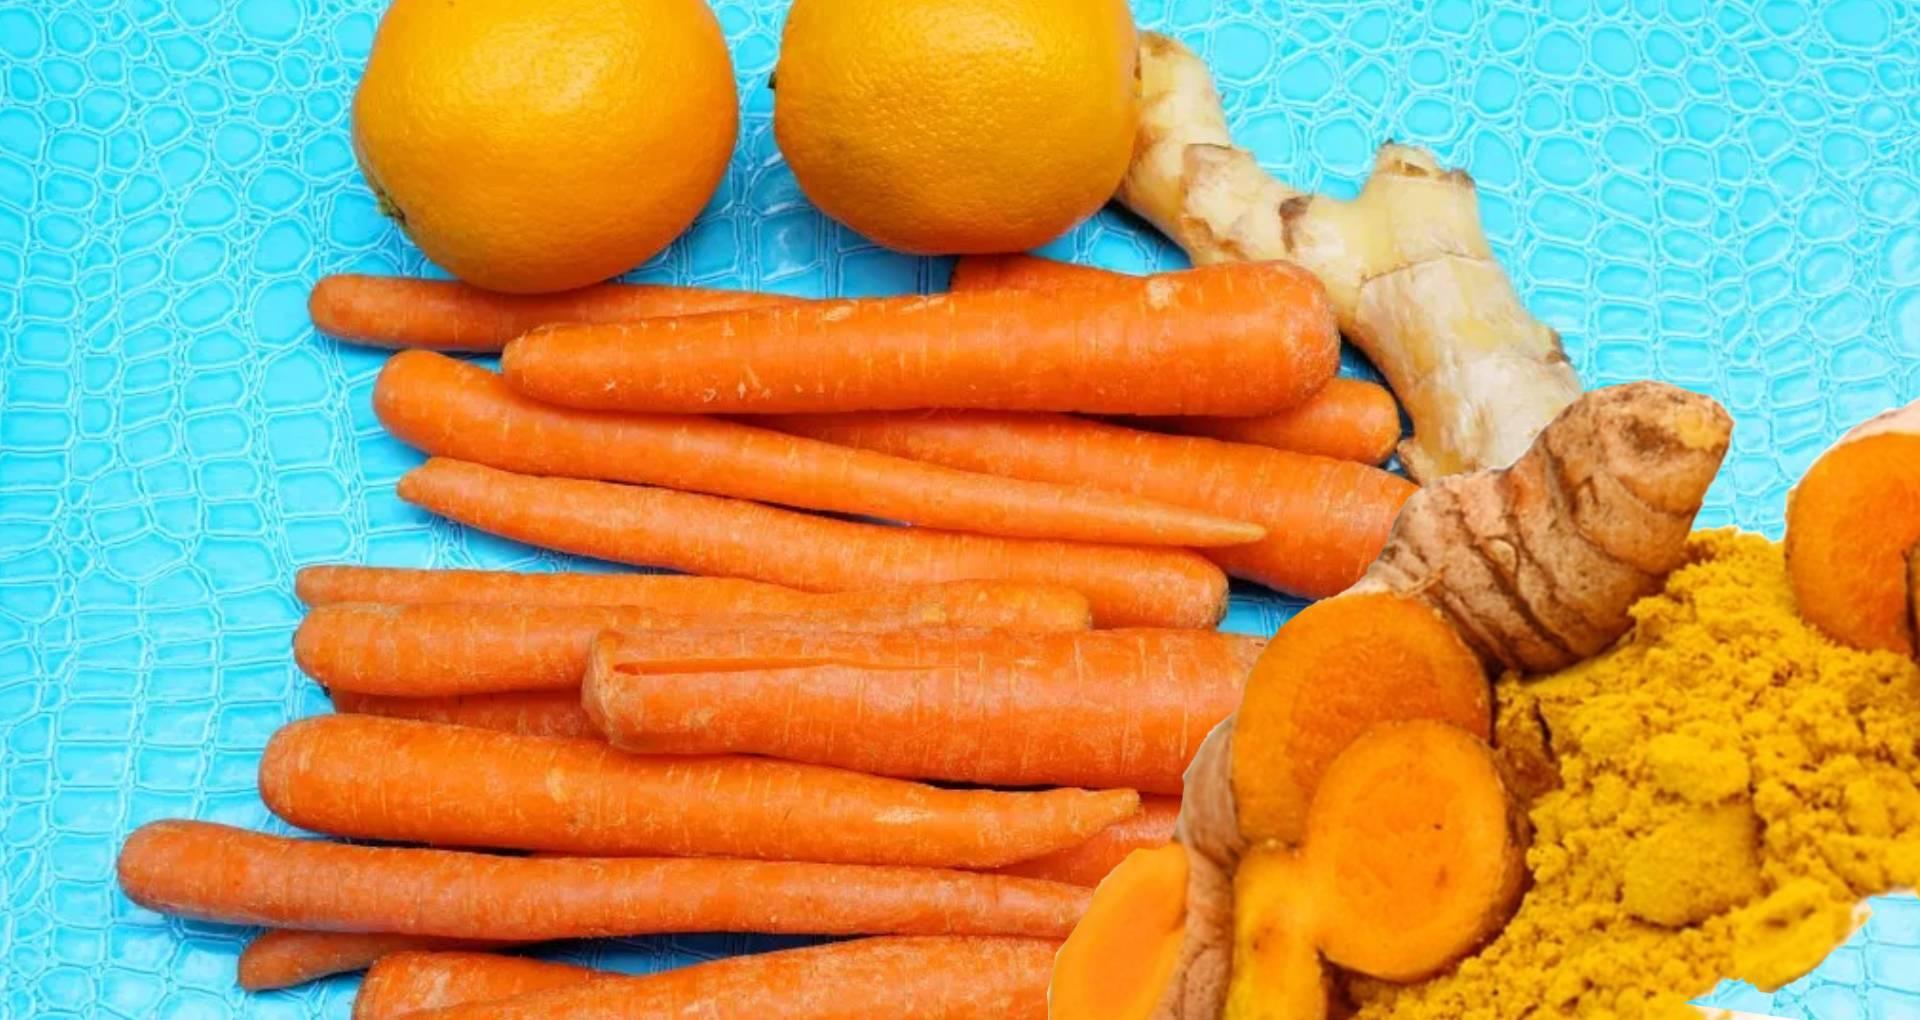 Weight Loss Tips: गाजर और संतरे के ड्रिंक से घटेगा वजन, बस करना होगा ये काम, जानिए इसे बनाने की विधि